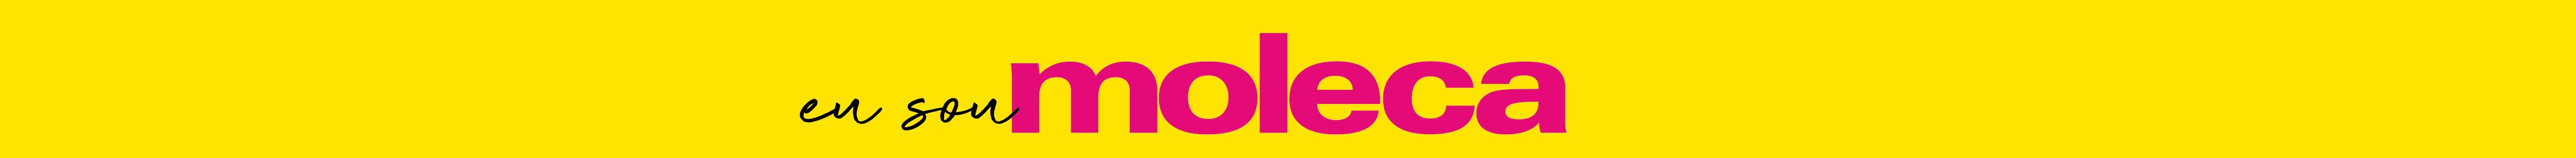 moleca banner